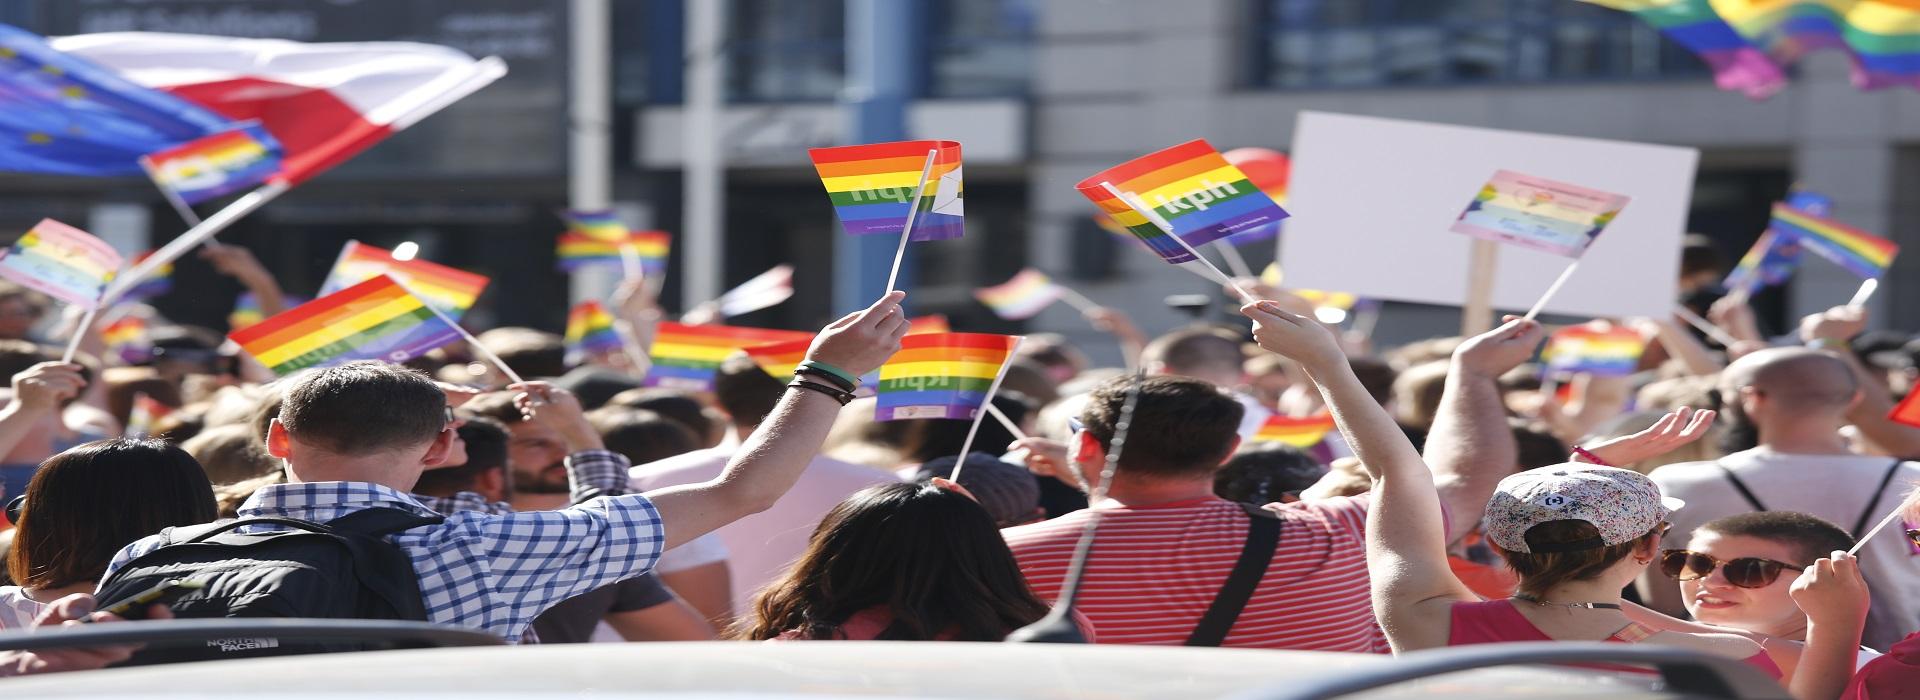 Kościół: Trójmiejski Marsz Równości stał się symbolem braku szacunku i tolerancji wobec osób o innych poglądac